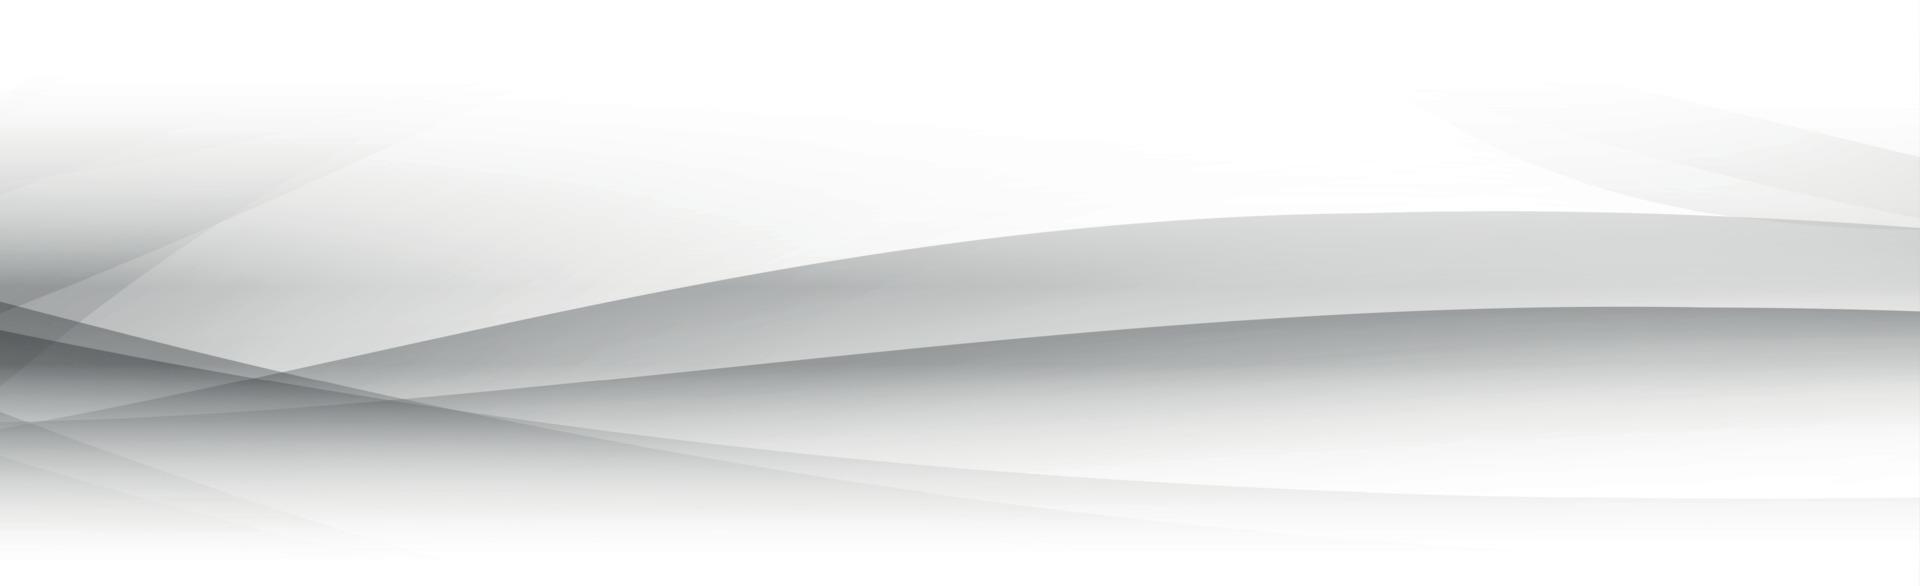 vit vektor bakgrund med vågiga linjer och prickar